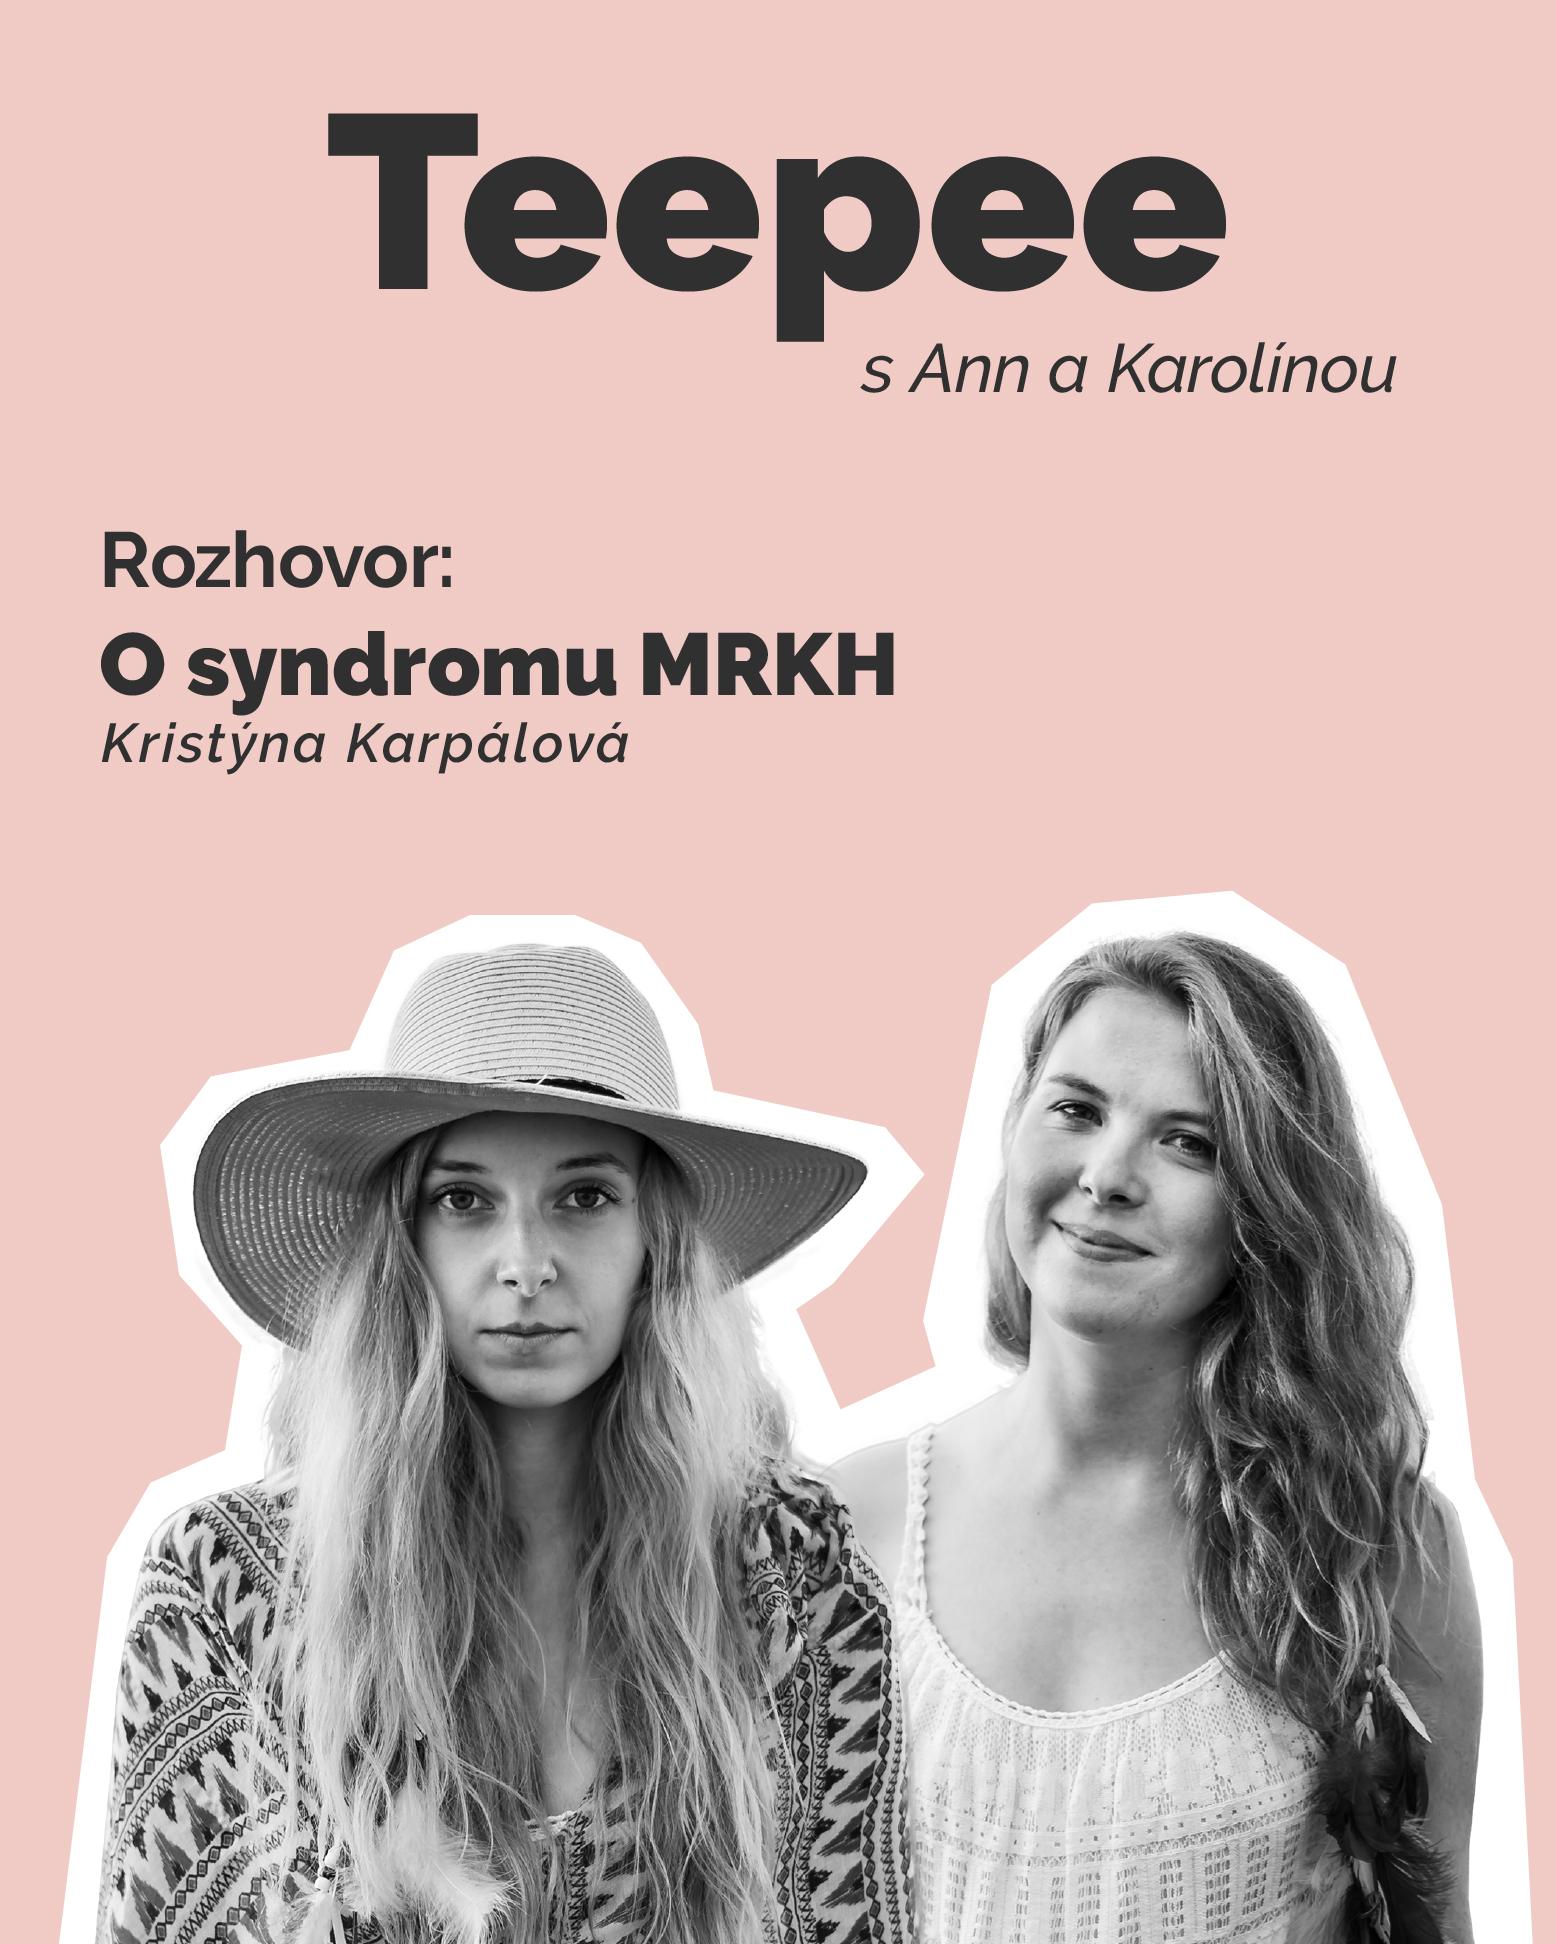 Video: #1Teepee: O syndromu MRKH s Kristýnou Karpálovou